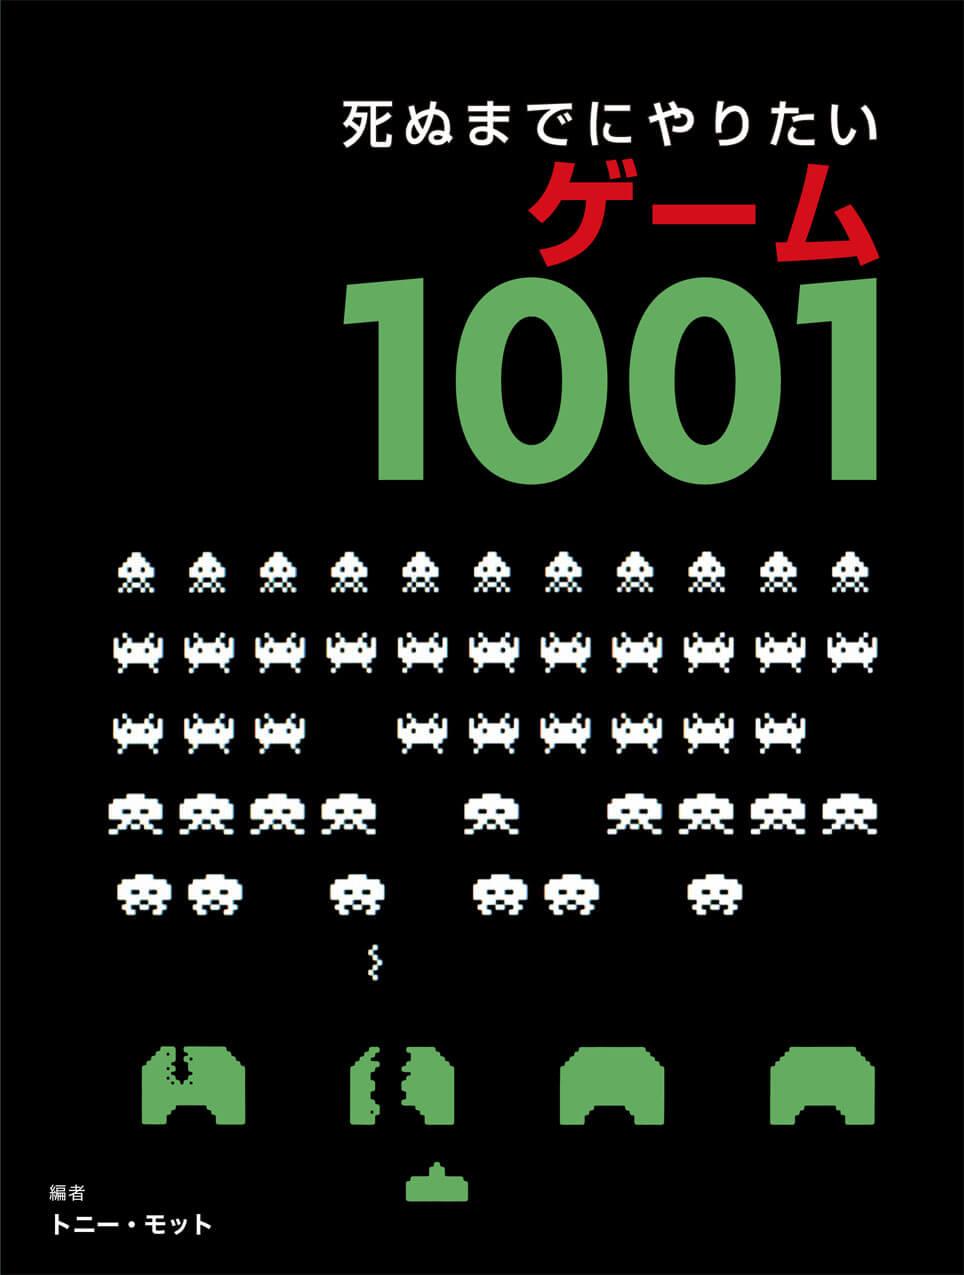 死ぬまでにやりたいゲーム1001